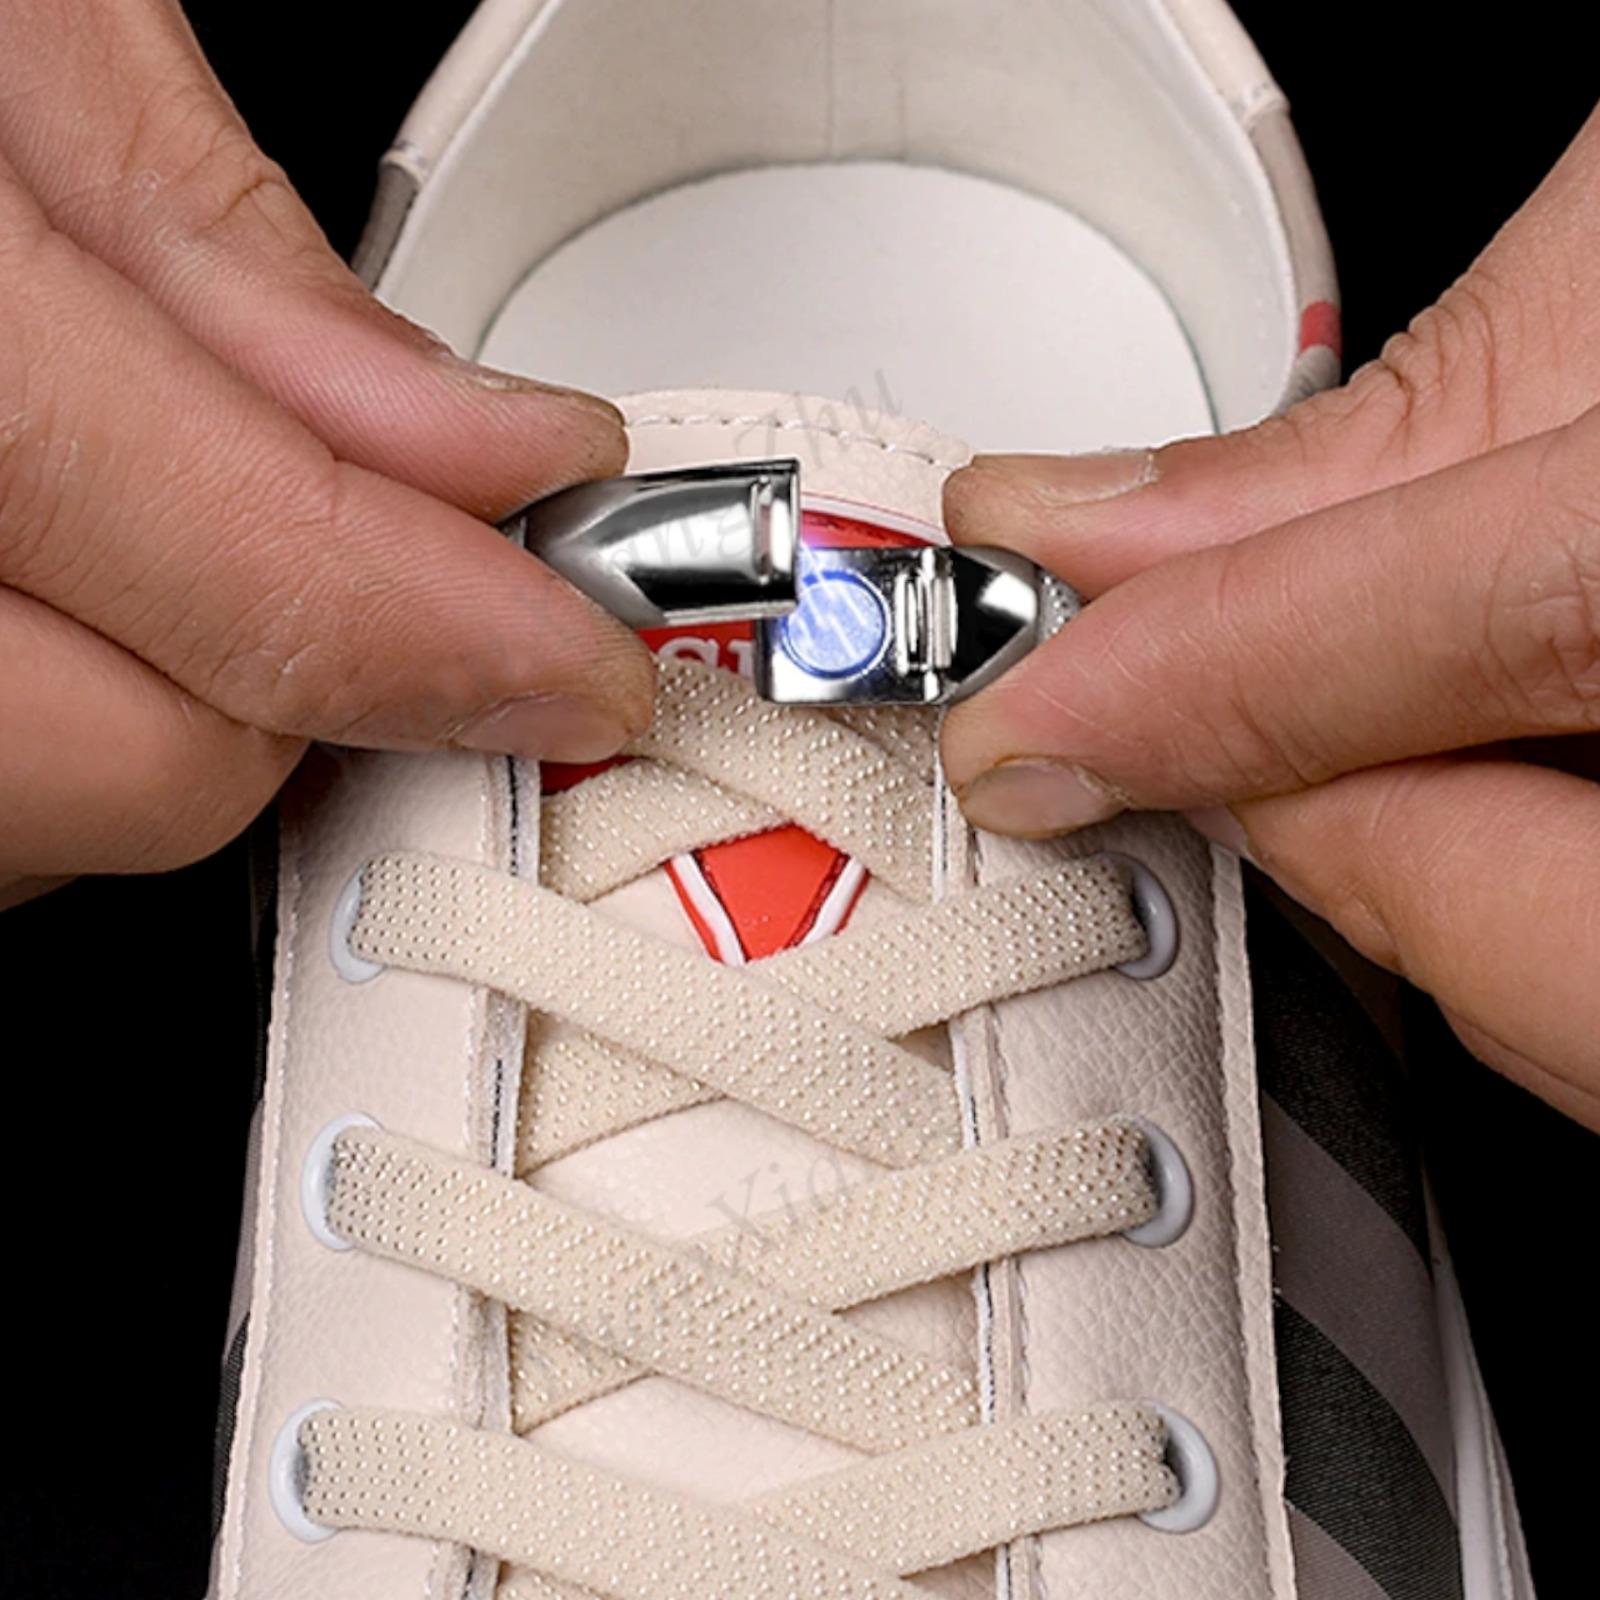 Schnürsenkel Mit Magnet Ohne Binden Bunte Schuhbändel